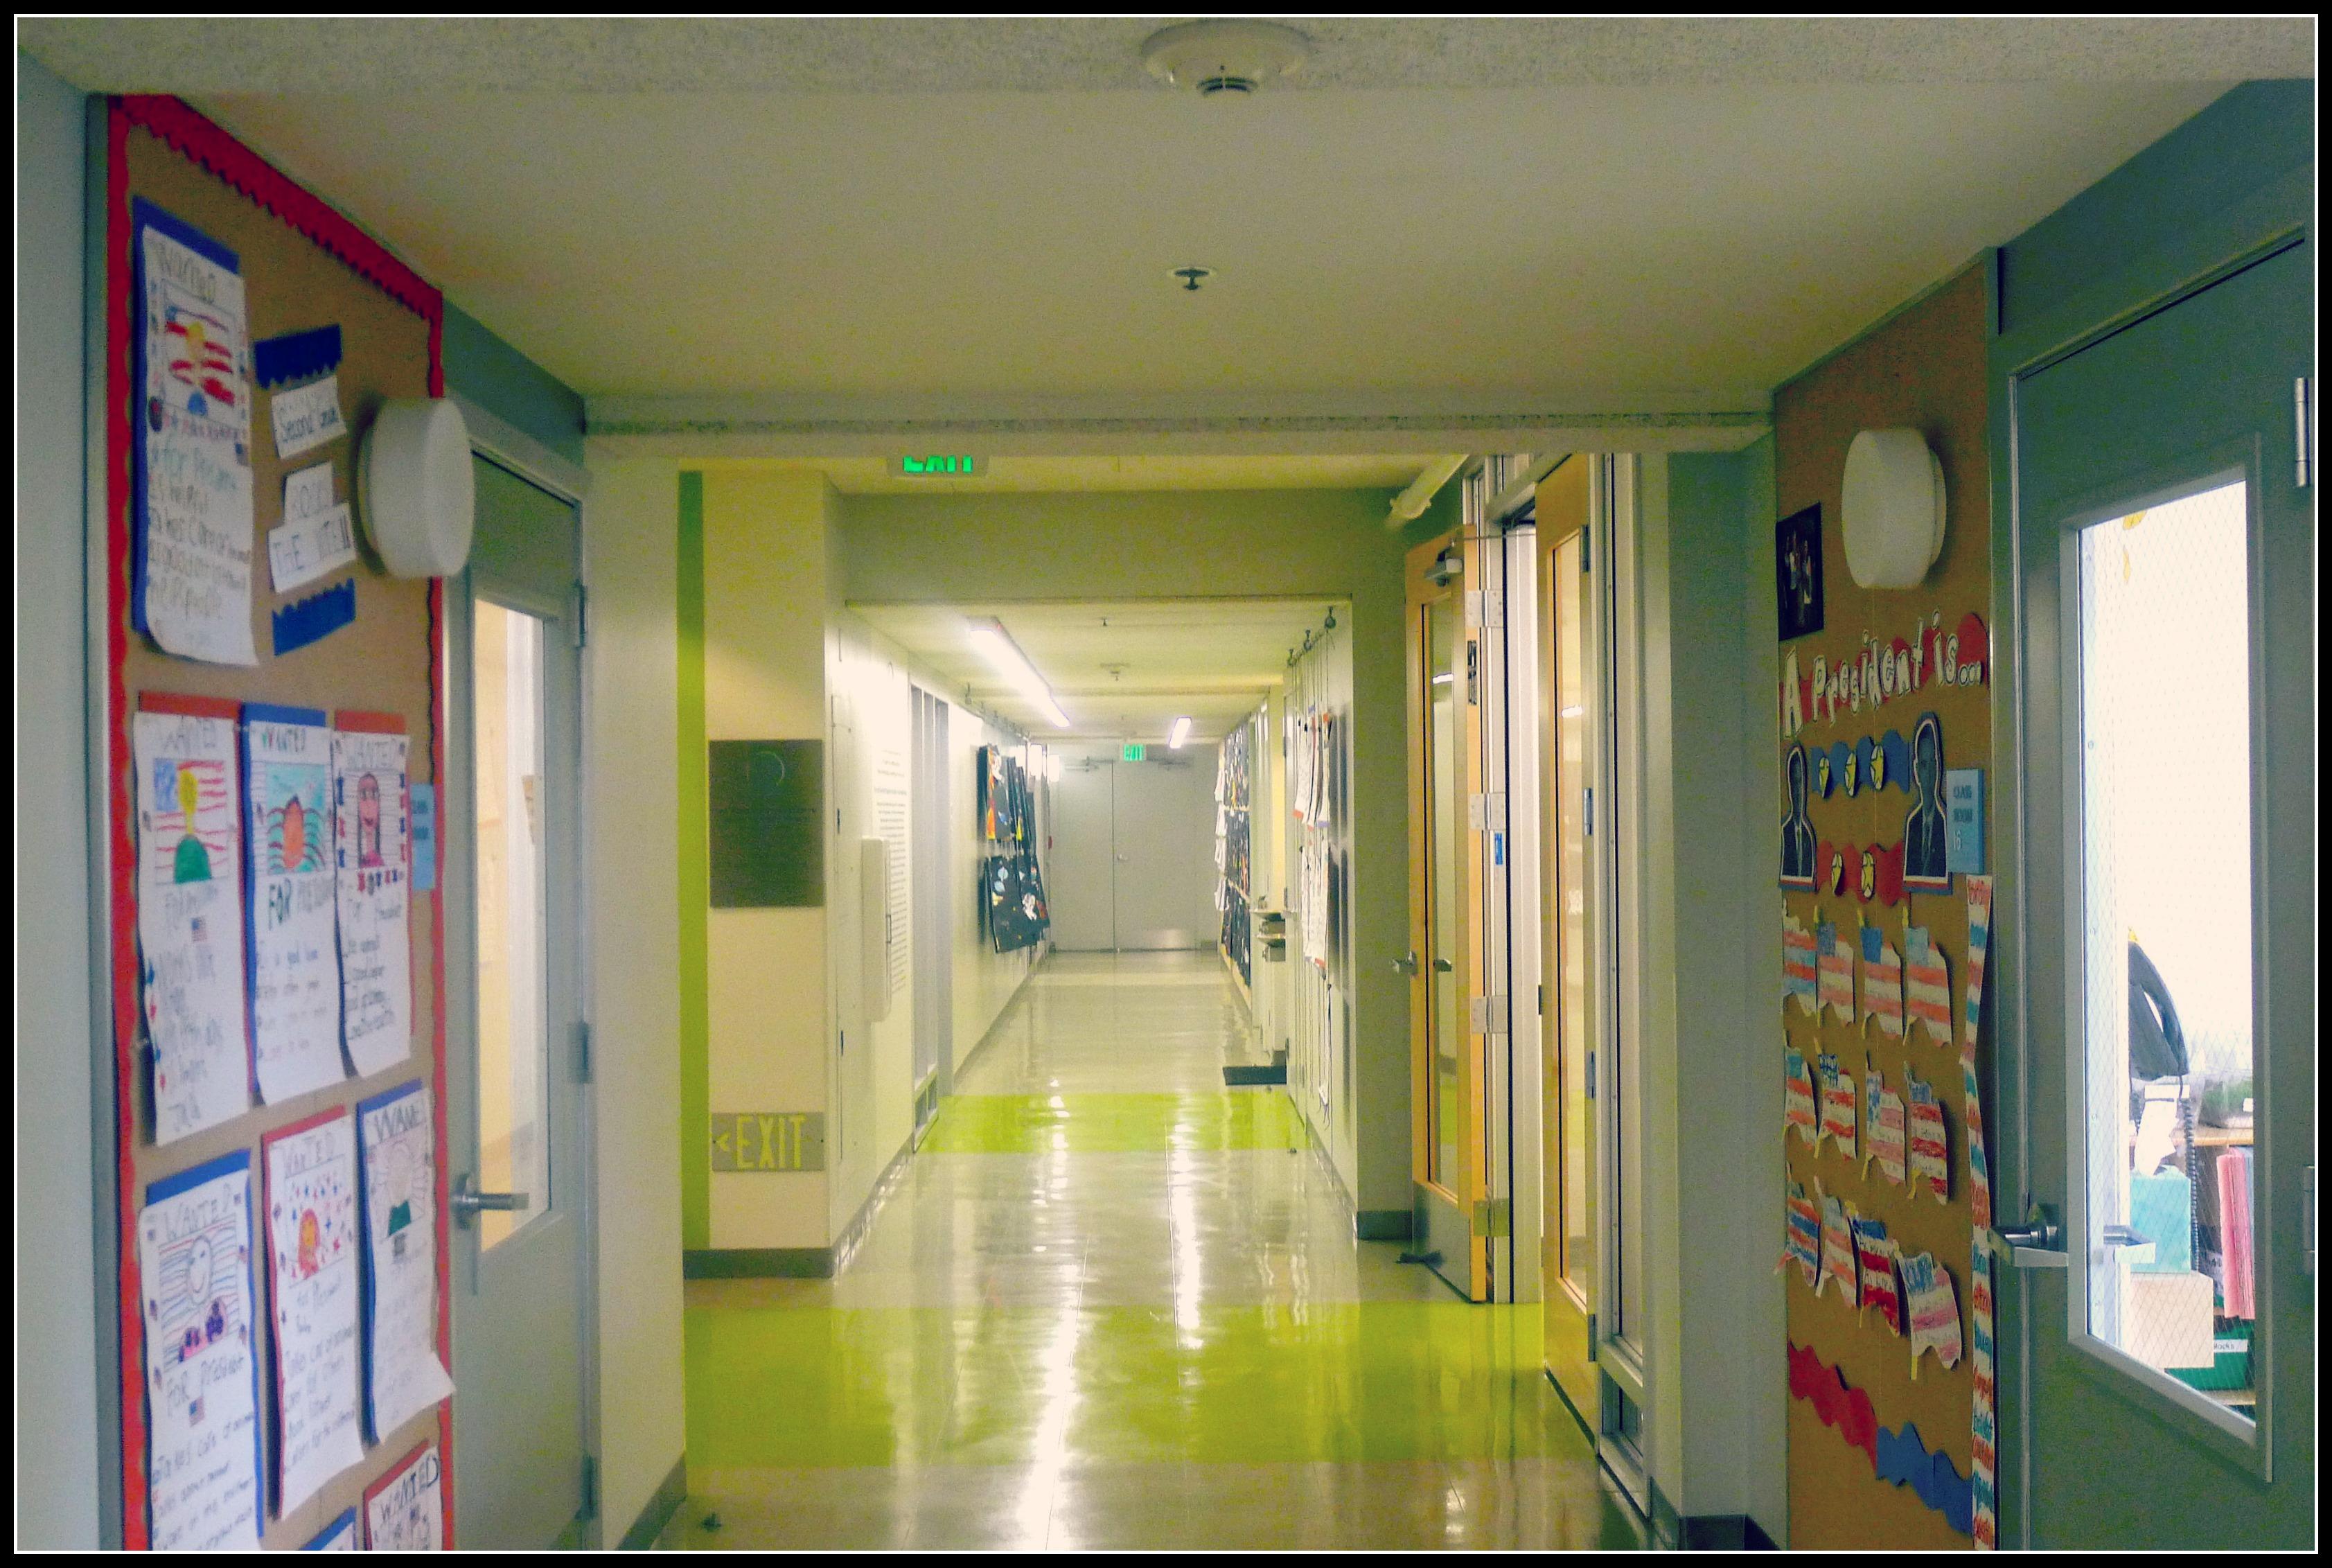 Corridor clipart kindergarten Beyond Brochure The Jewish education